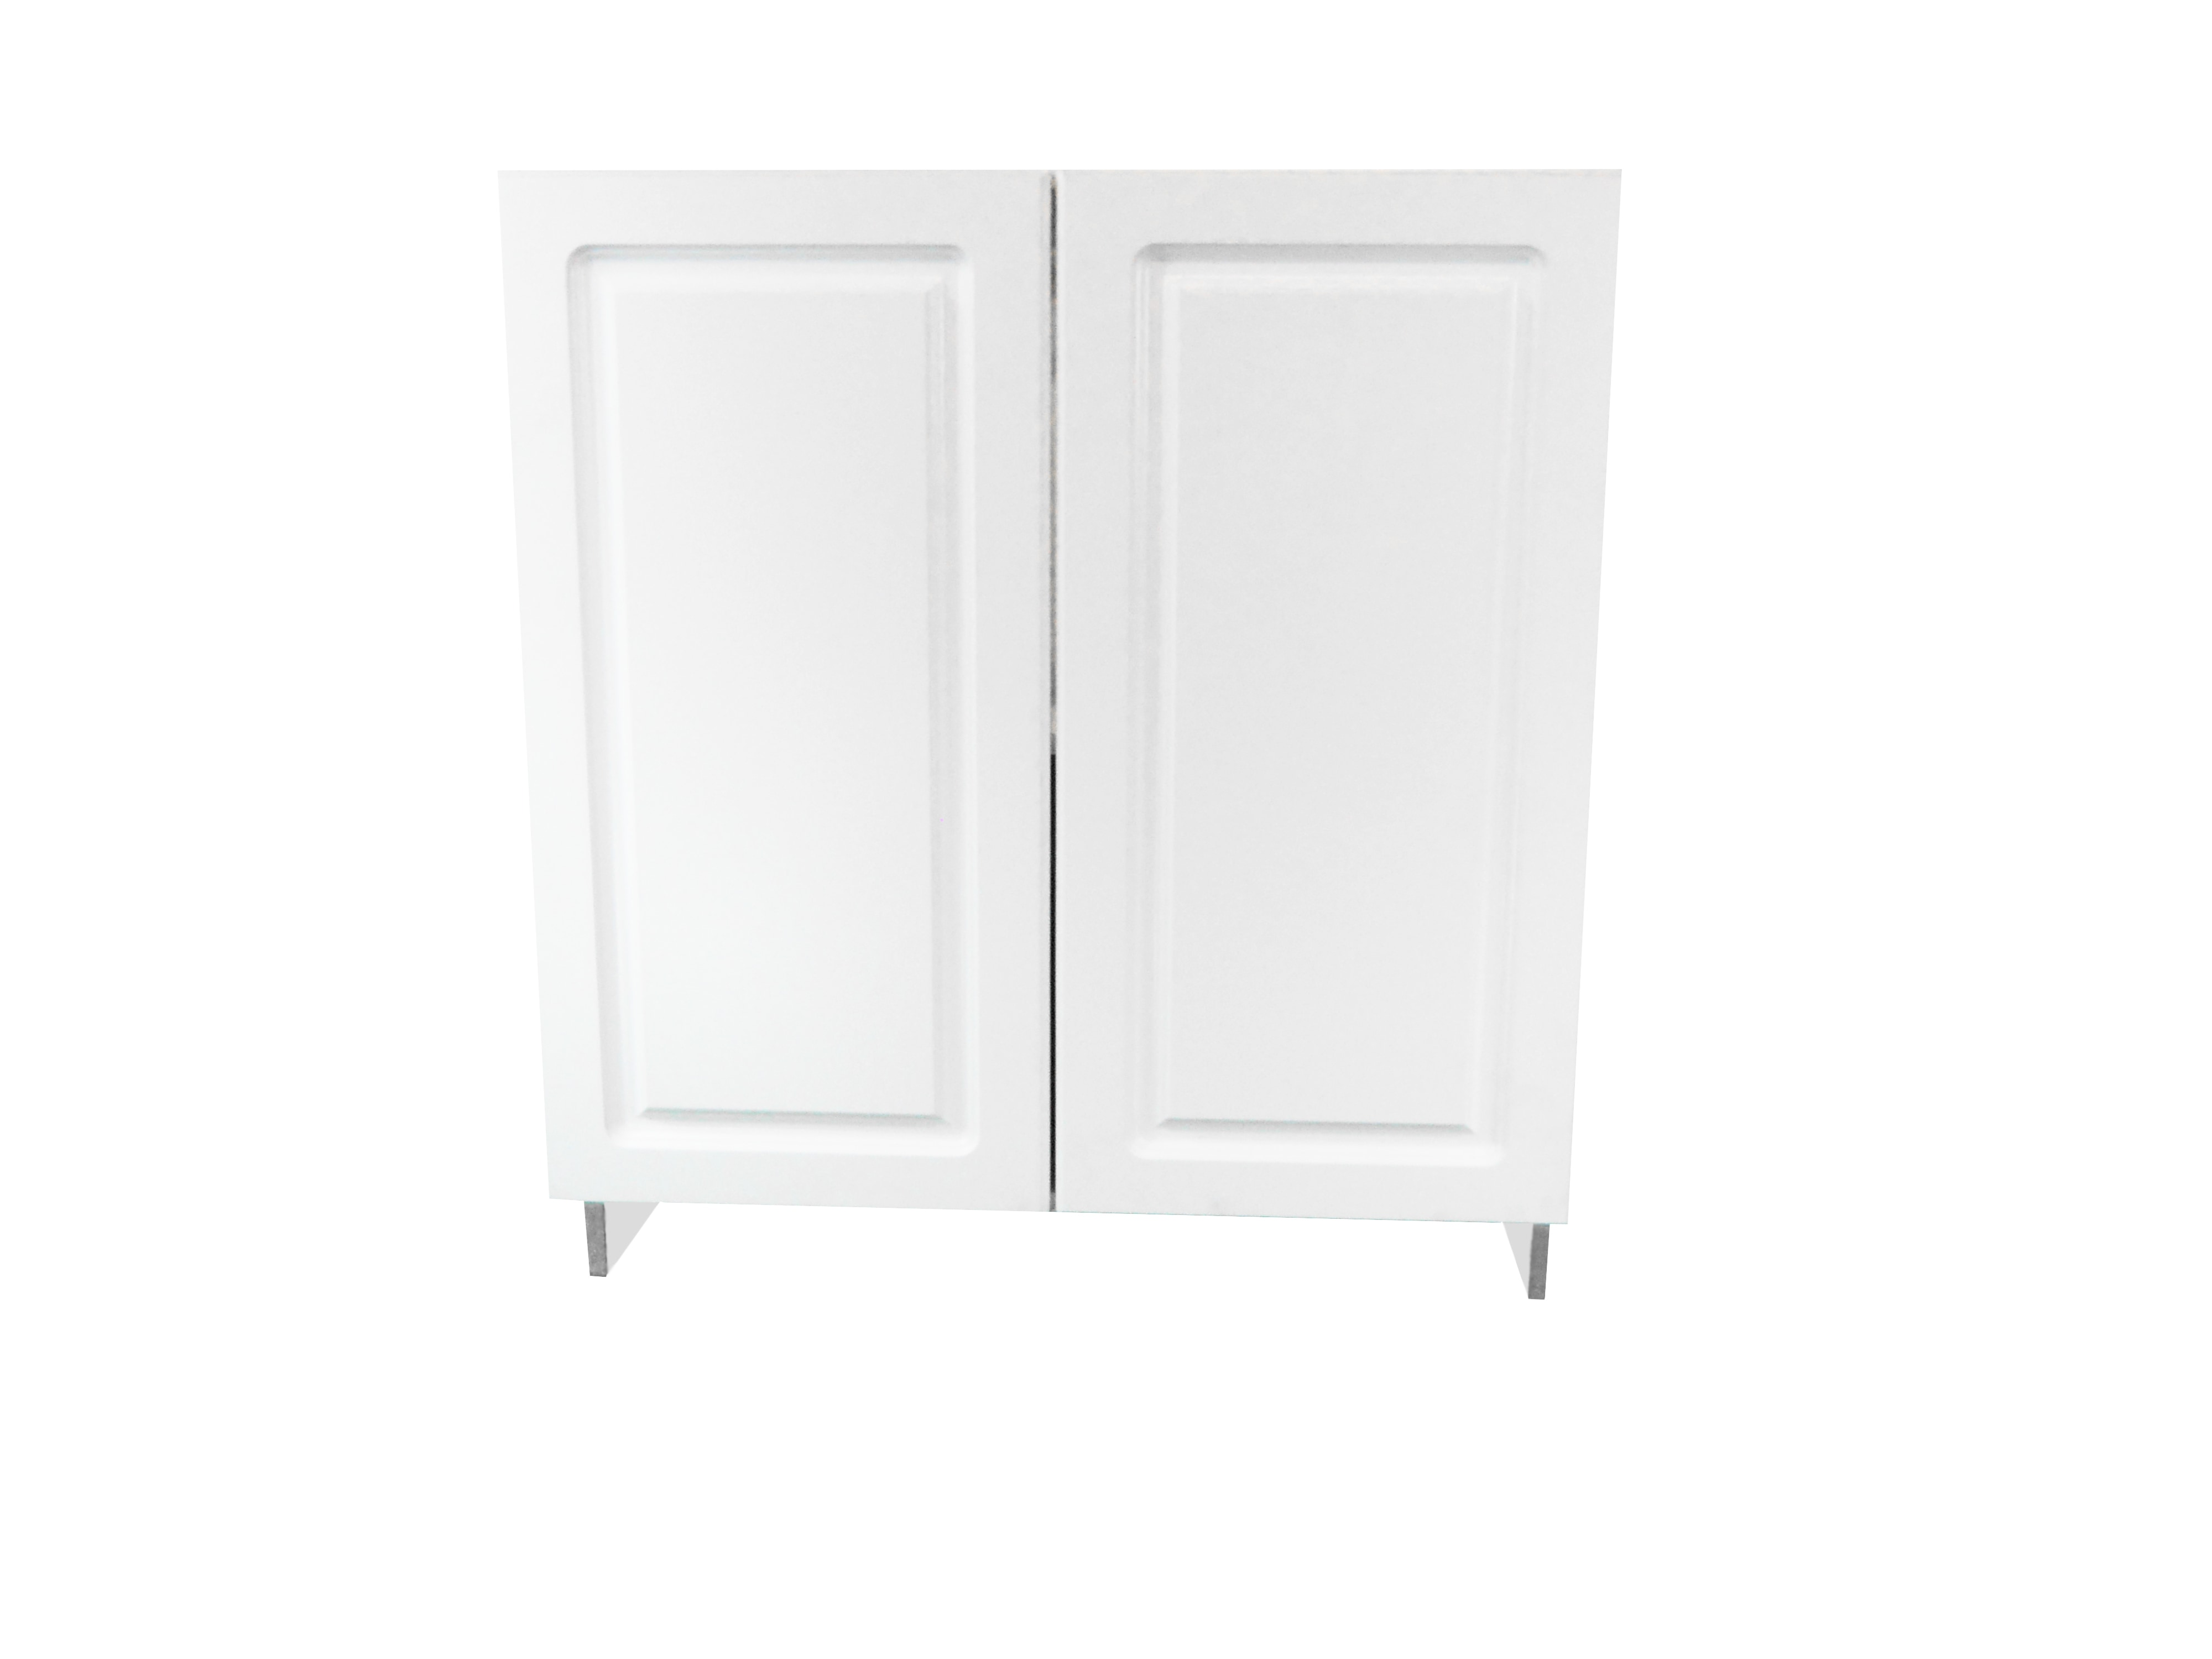 Base Cabinet With 2 Door / San Juan / Raised Panel White / 33 San Juan 0